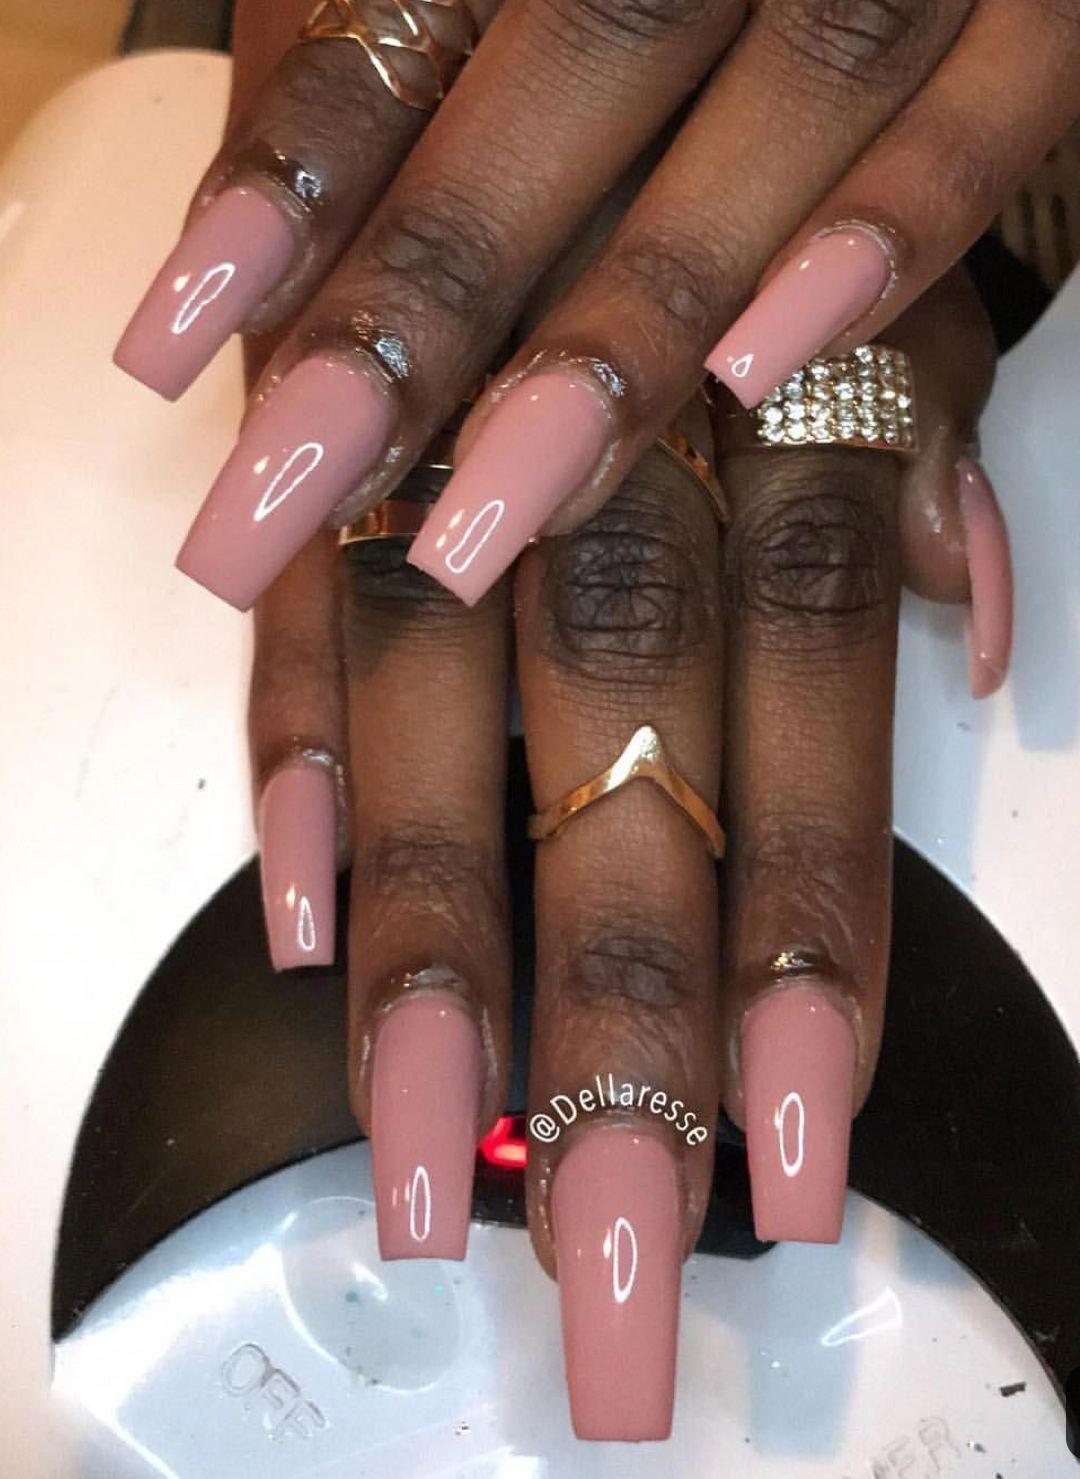 Pin By Classyteee On Cute Short Nails Toe Nail Color Square Acrylic Nails Nail Shapes